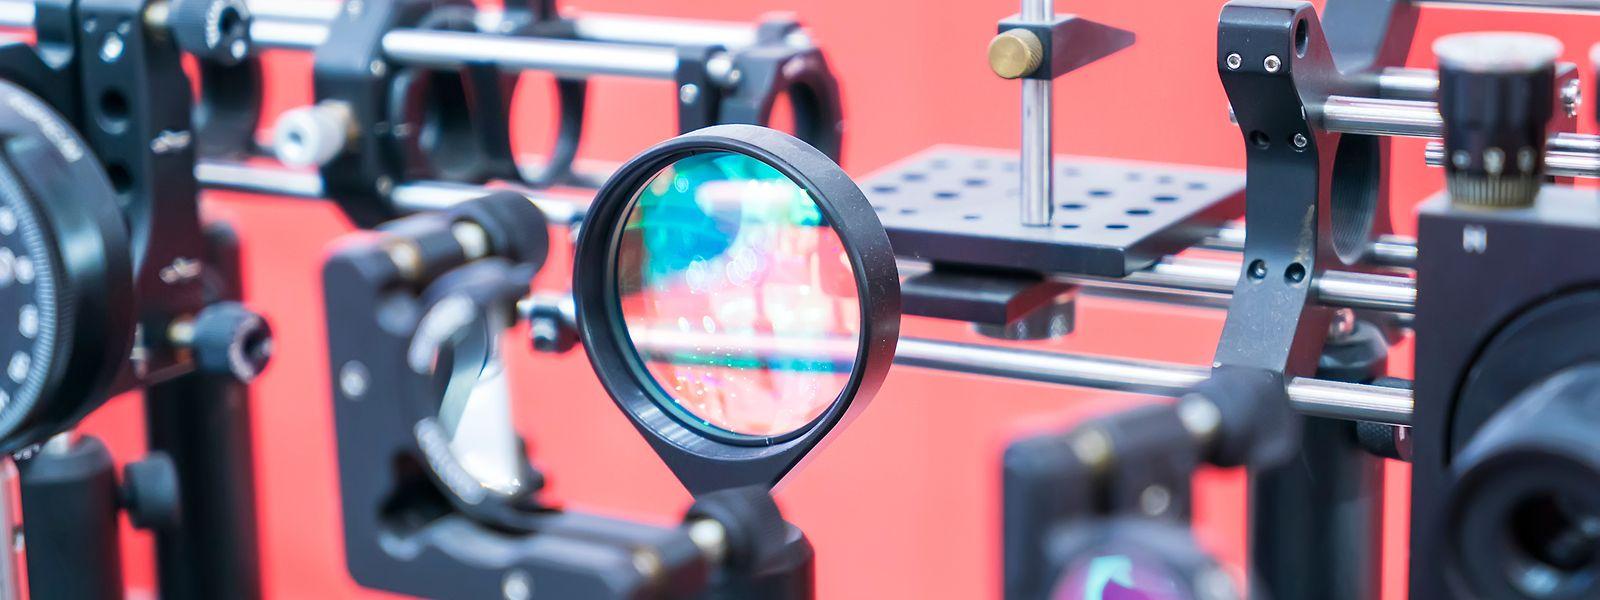 Physiker Daniele Brida entwickelt ultraschnelle Laser, um chemische Reaktionen und das Innenleben elektronischer Geräte in Zeitlupe zu verfolgen. Damit könnte man etwa Photovoltaikanlagen verbessern.